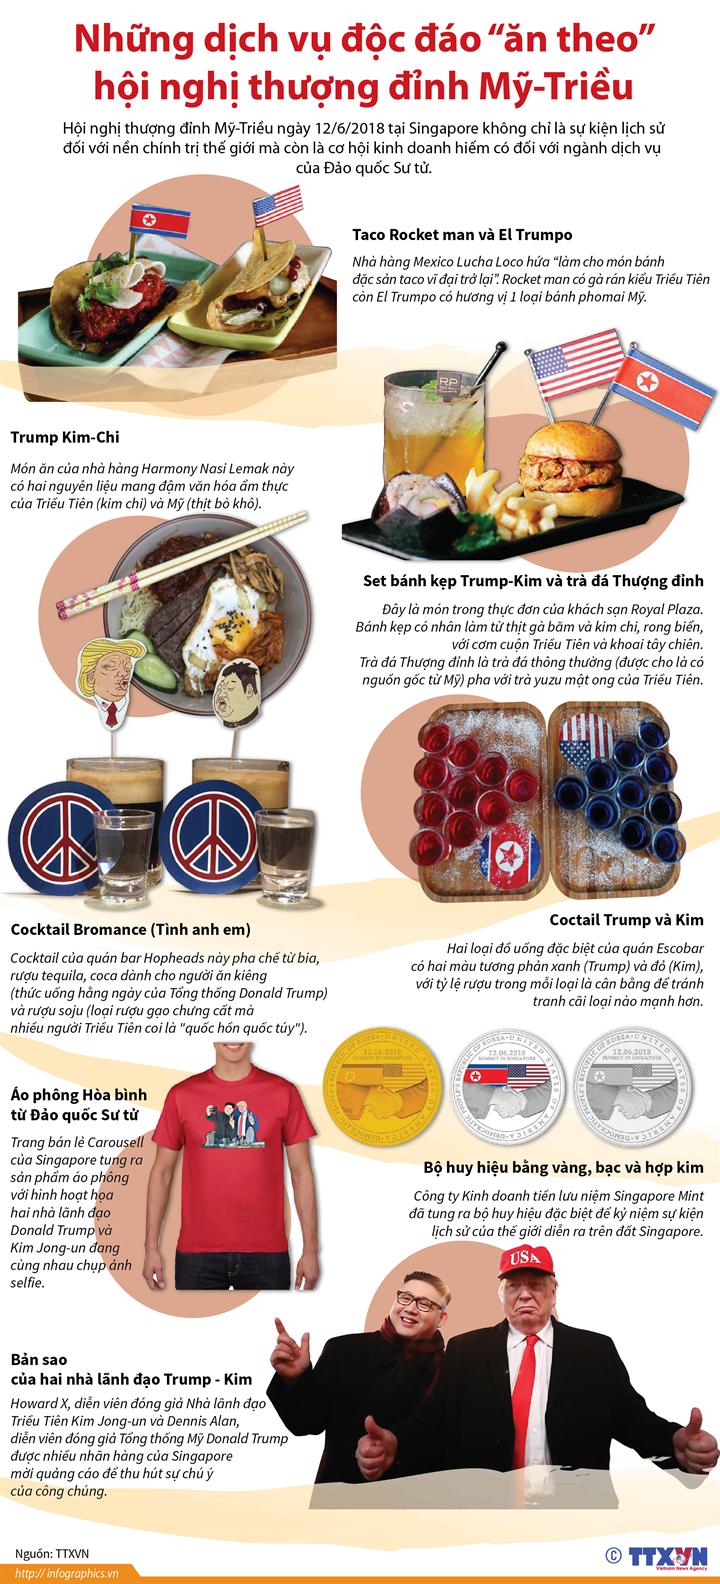 """Những dịch vụ độc đáo """"ăn theo"""" hội nghị thượng đỉnh Mỹ-Triều"""